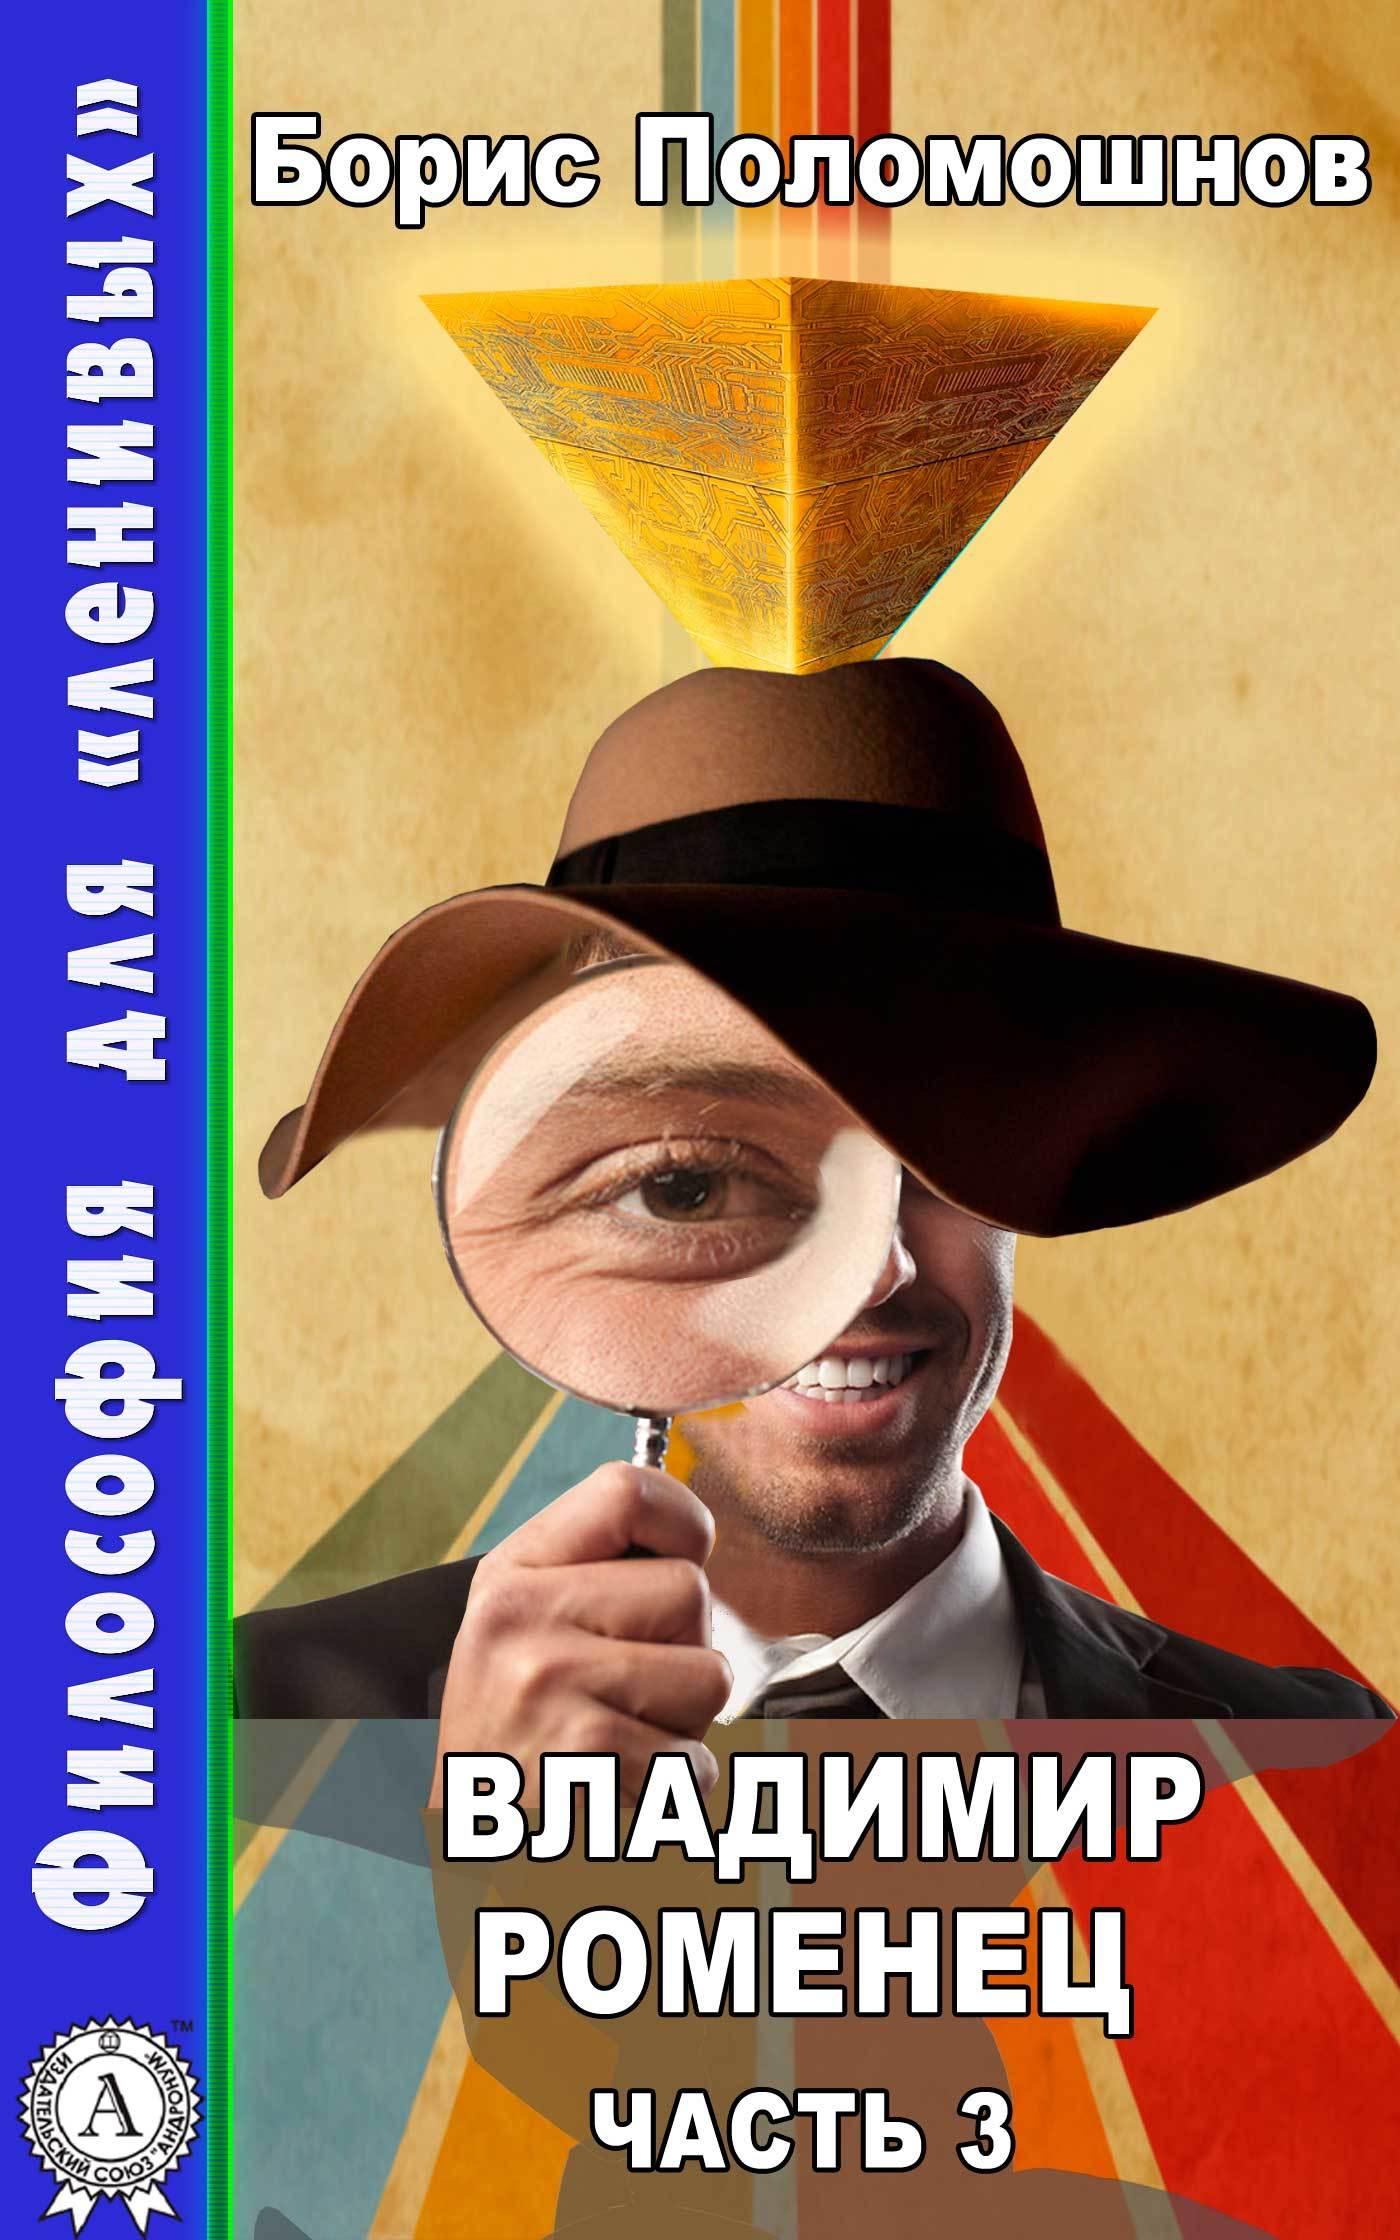 Борис Поломошнов бесплатно